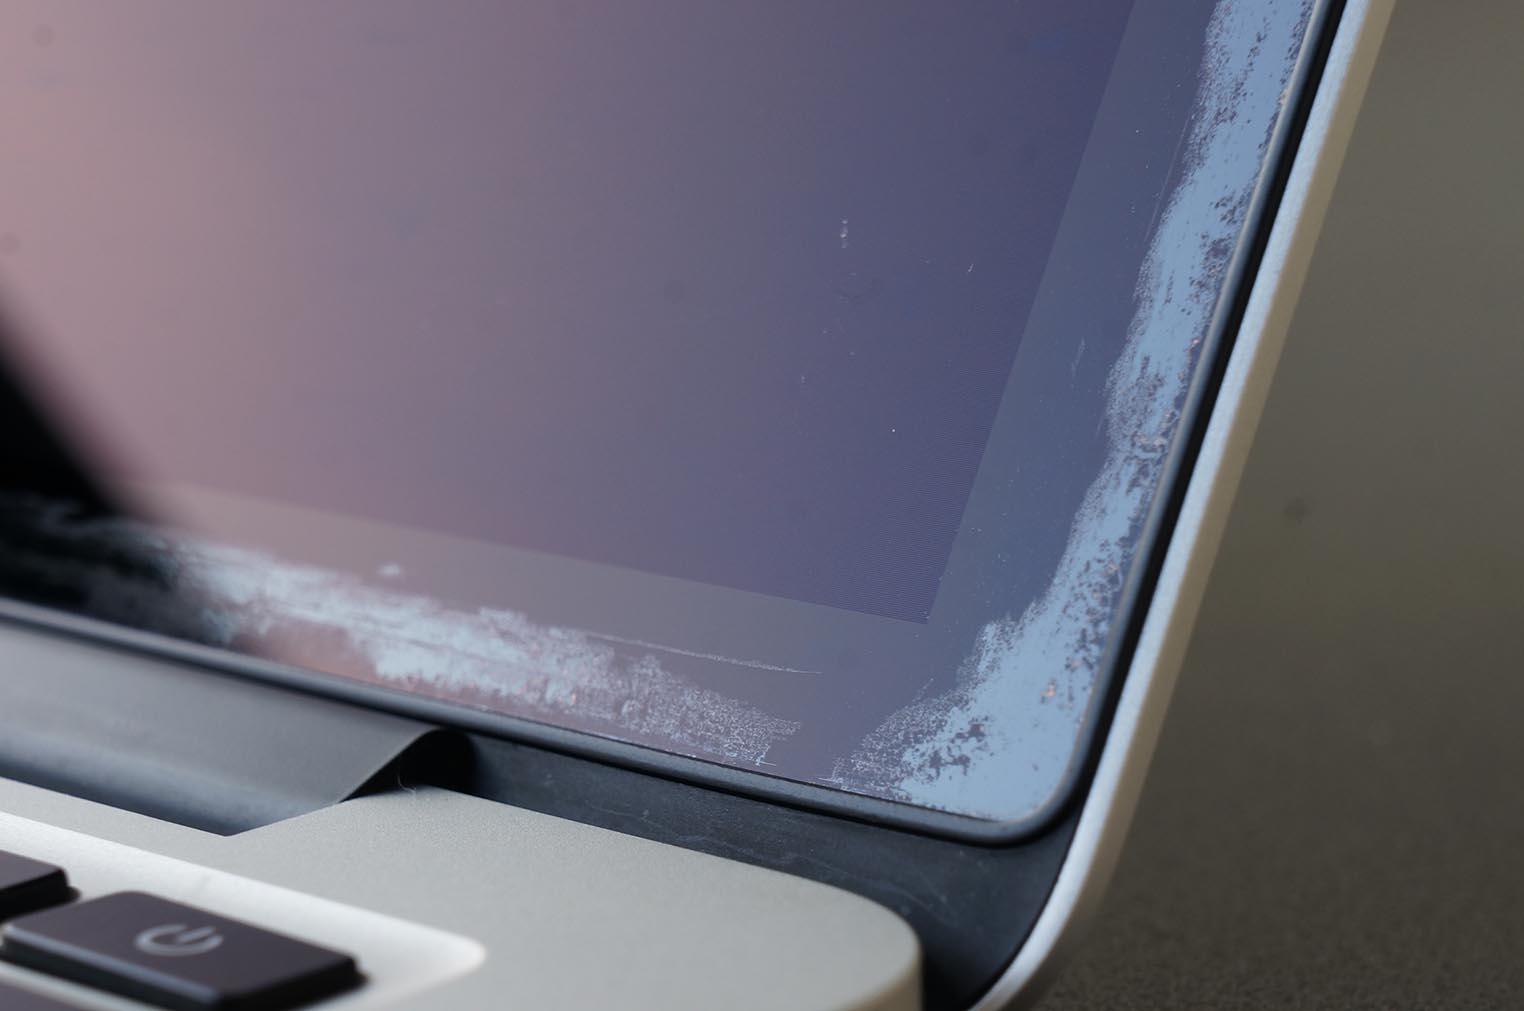 MacBook Pro anti-refelts défectueux